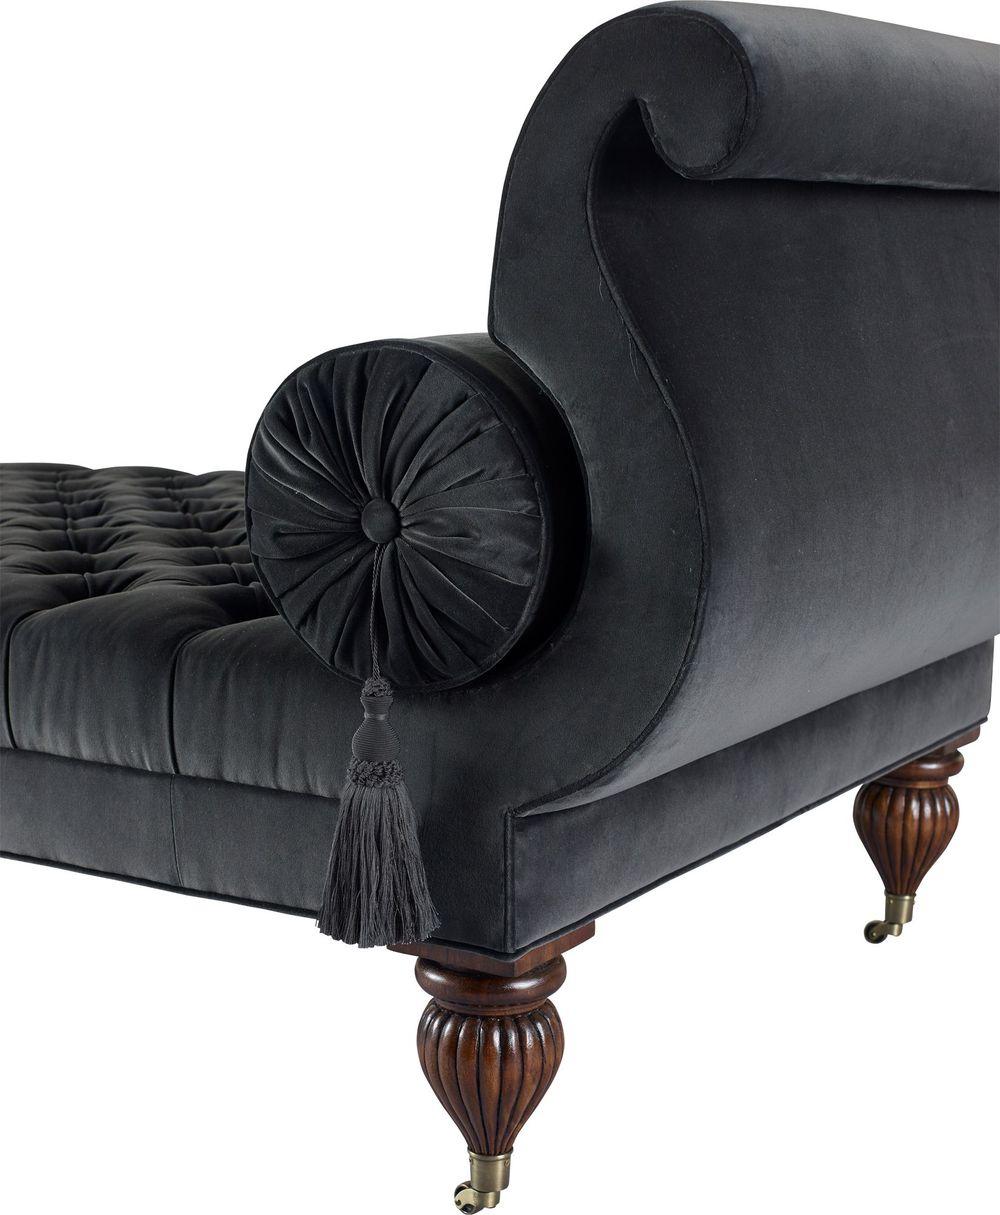 Baker Furniture - King William IV Daybed